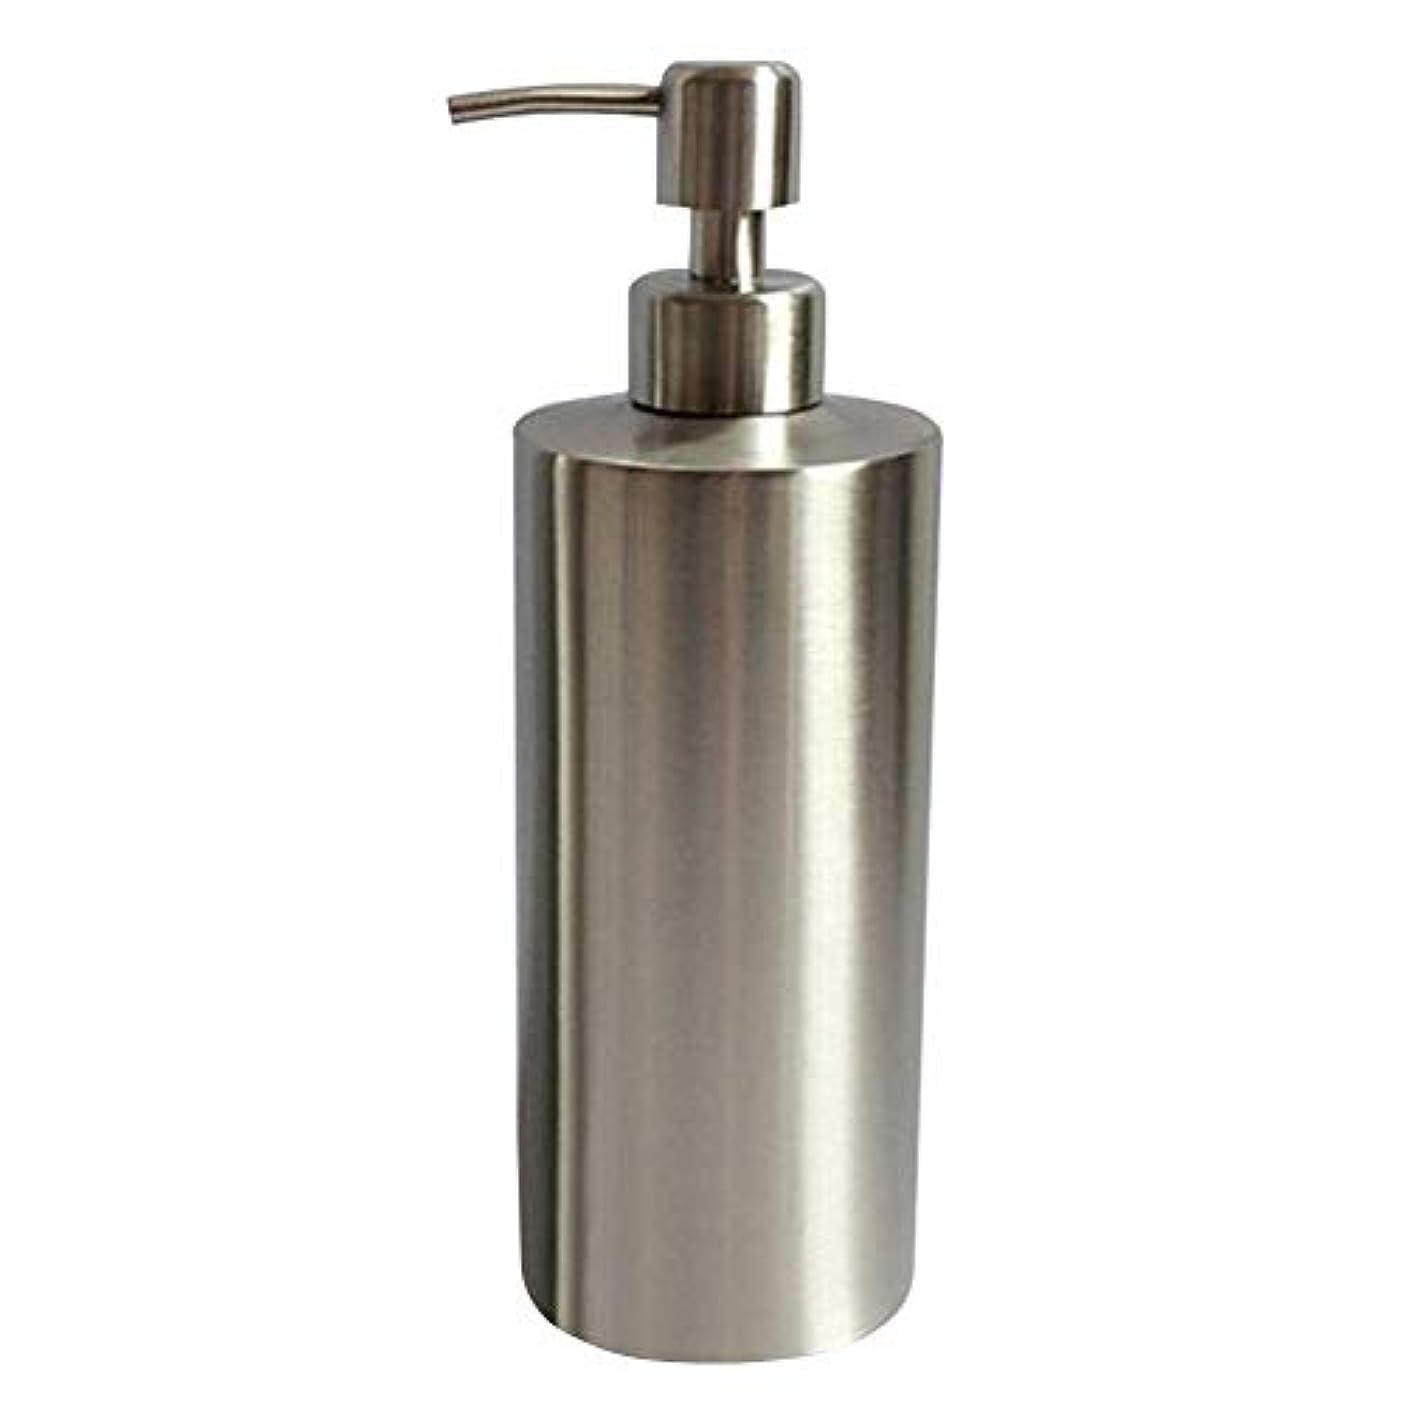 腐ったアリス定義250ML/350ml/550mlのステンレス鋼ハンドソープボトル ハンドソープ容器 キッチン用びん(高さ15.5cm、直径5.5cm)